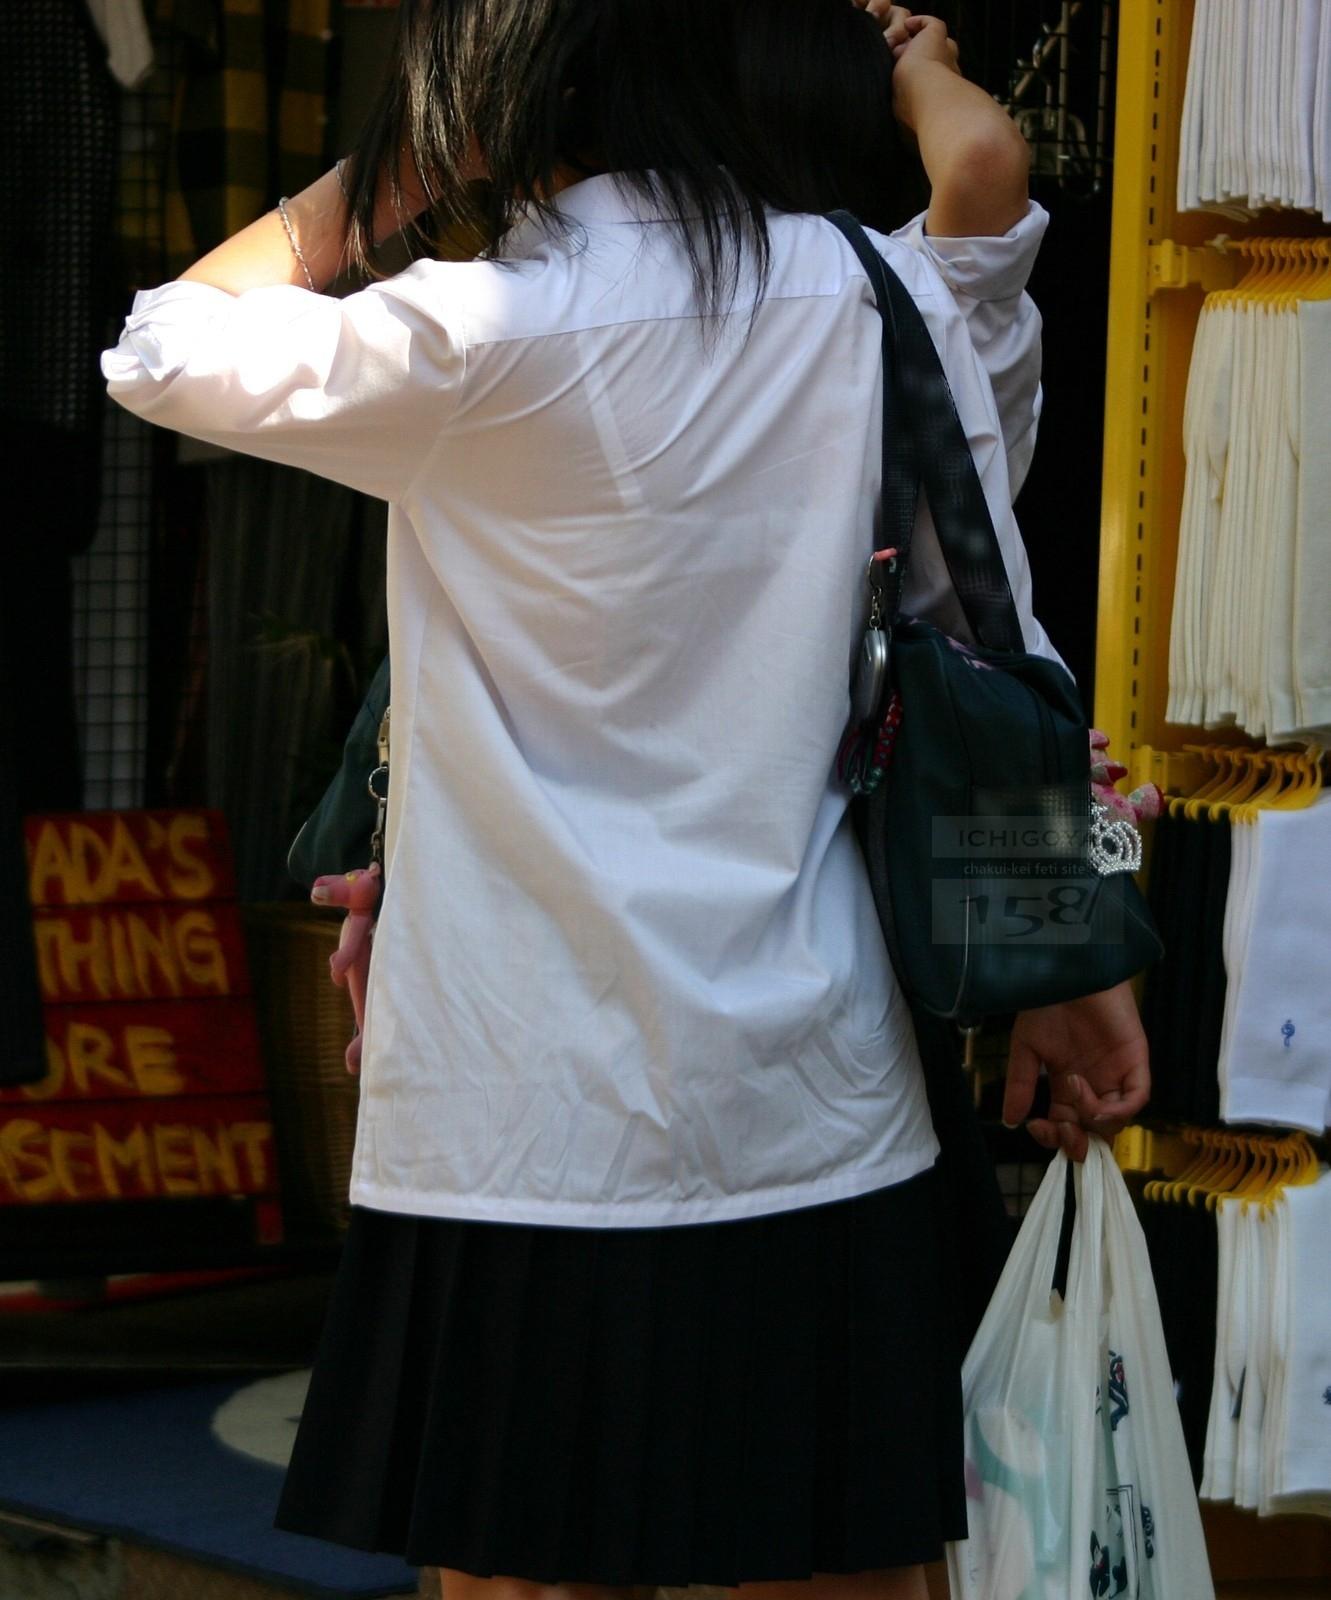 【透けブラエロ画像】夏の風物詩wホックの数次第で前も見たい街の透けブラwww 11